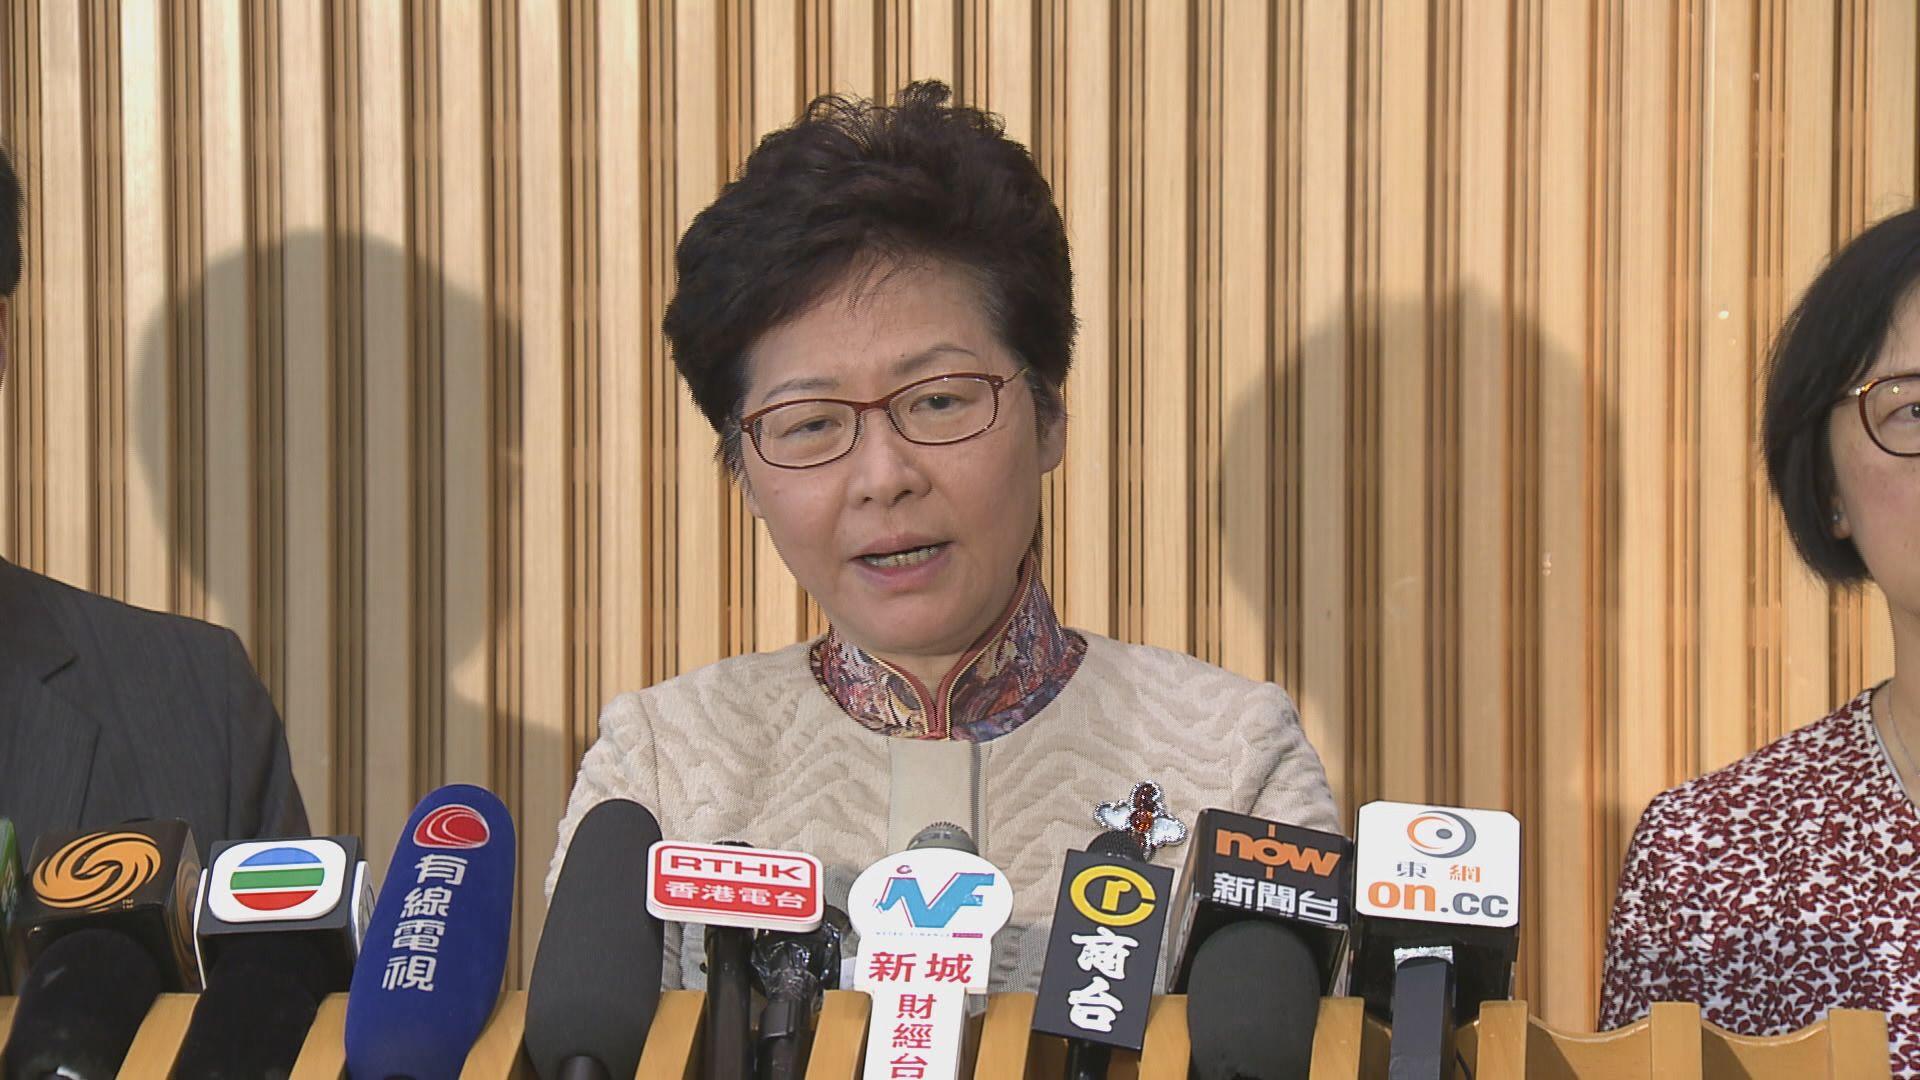 林鄭:體諒公務員上班困難 冀僱主體諒員工